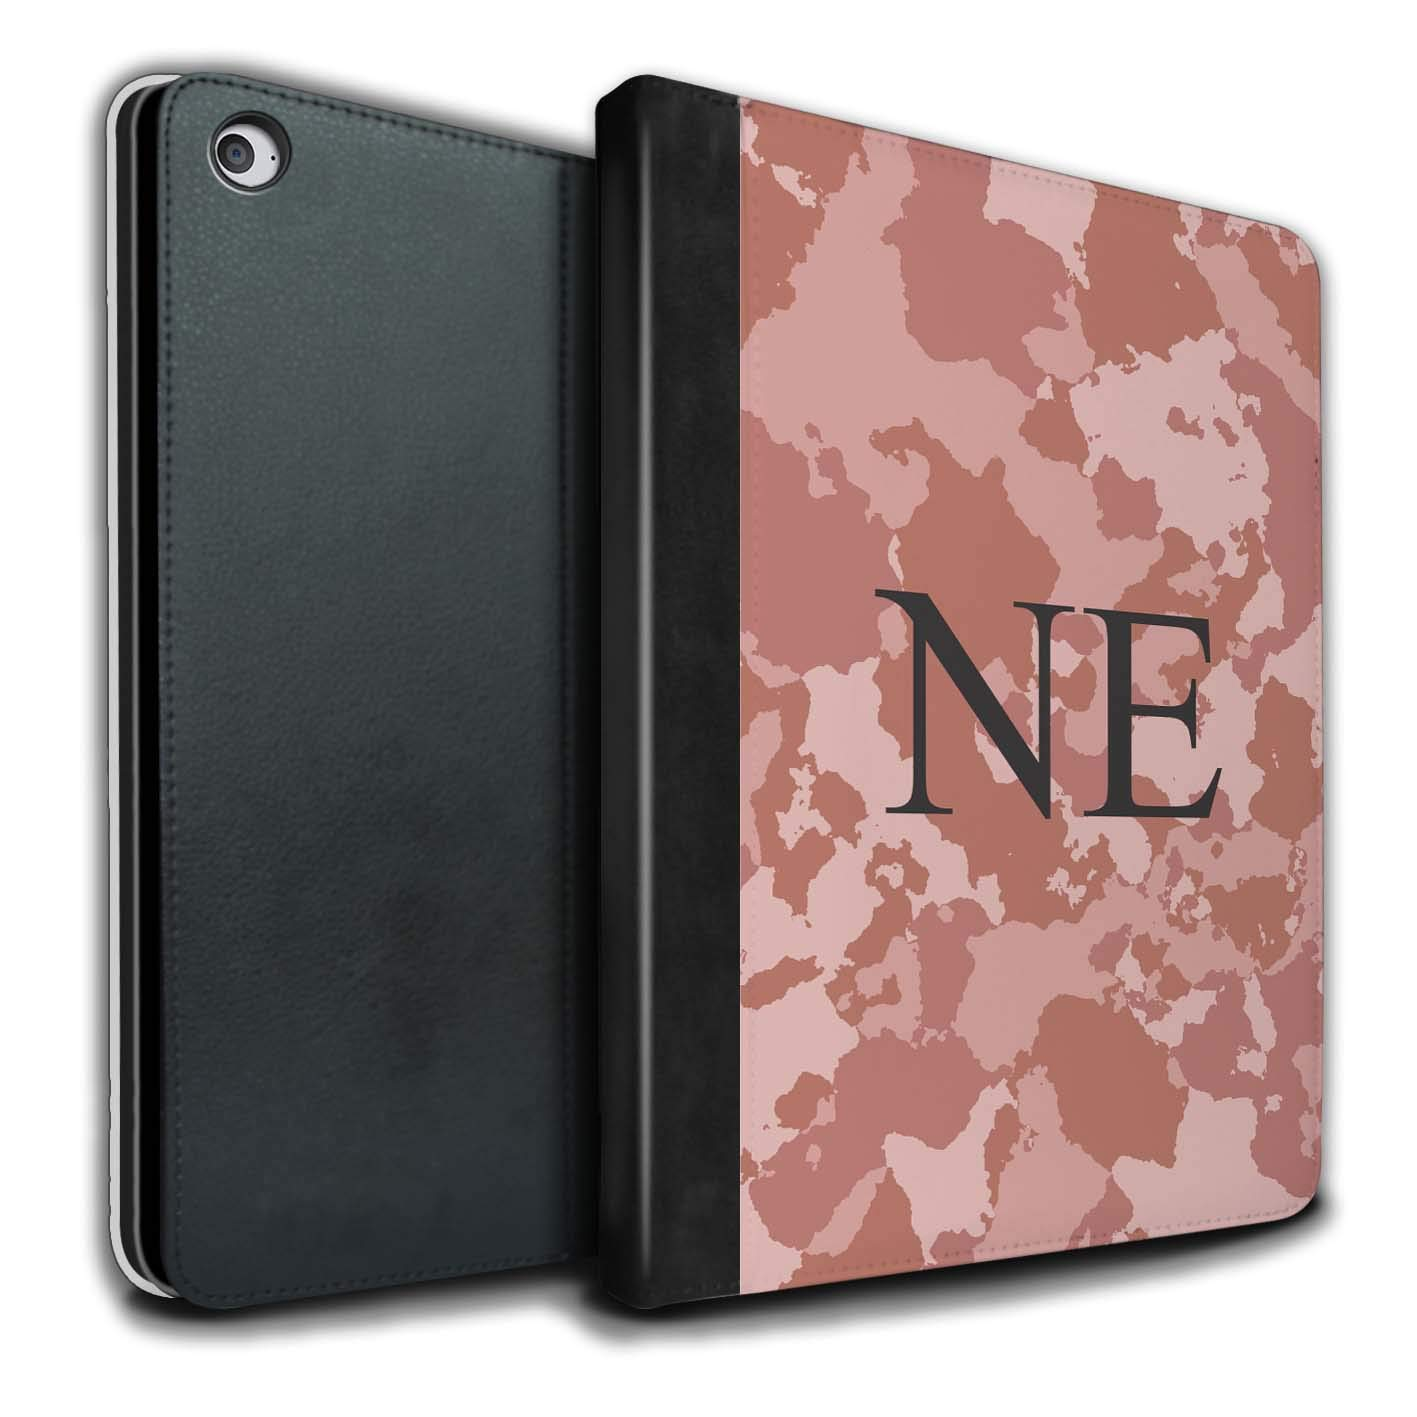 品質満点! eSwish PUブック/カバーケース Apple Apple iPad Air 2タブレット Gold/グリーンウッドランドフォレスト eSwish/カスタムミリタリーカモフラージュ MR-IPA2-TSBL-MD-CAMODIY-4 Rose Gold Military B07L38LM78, タマリムラ:d0b51ff2 --- a0267596.xsph.ru